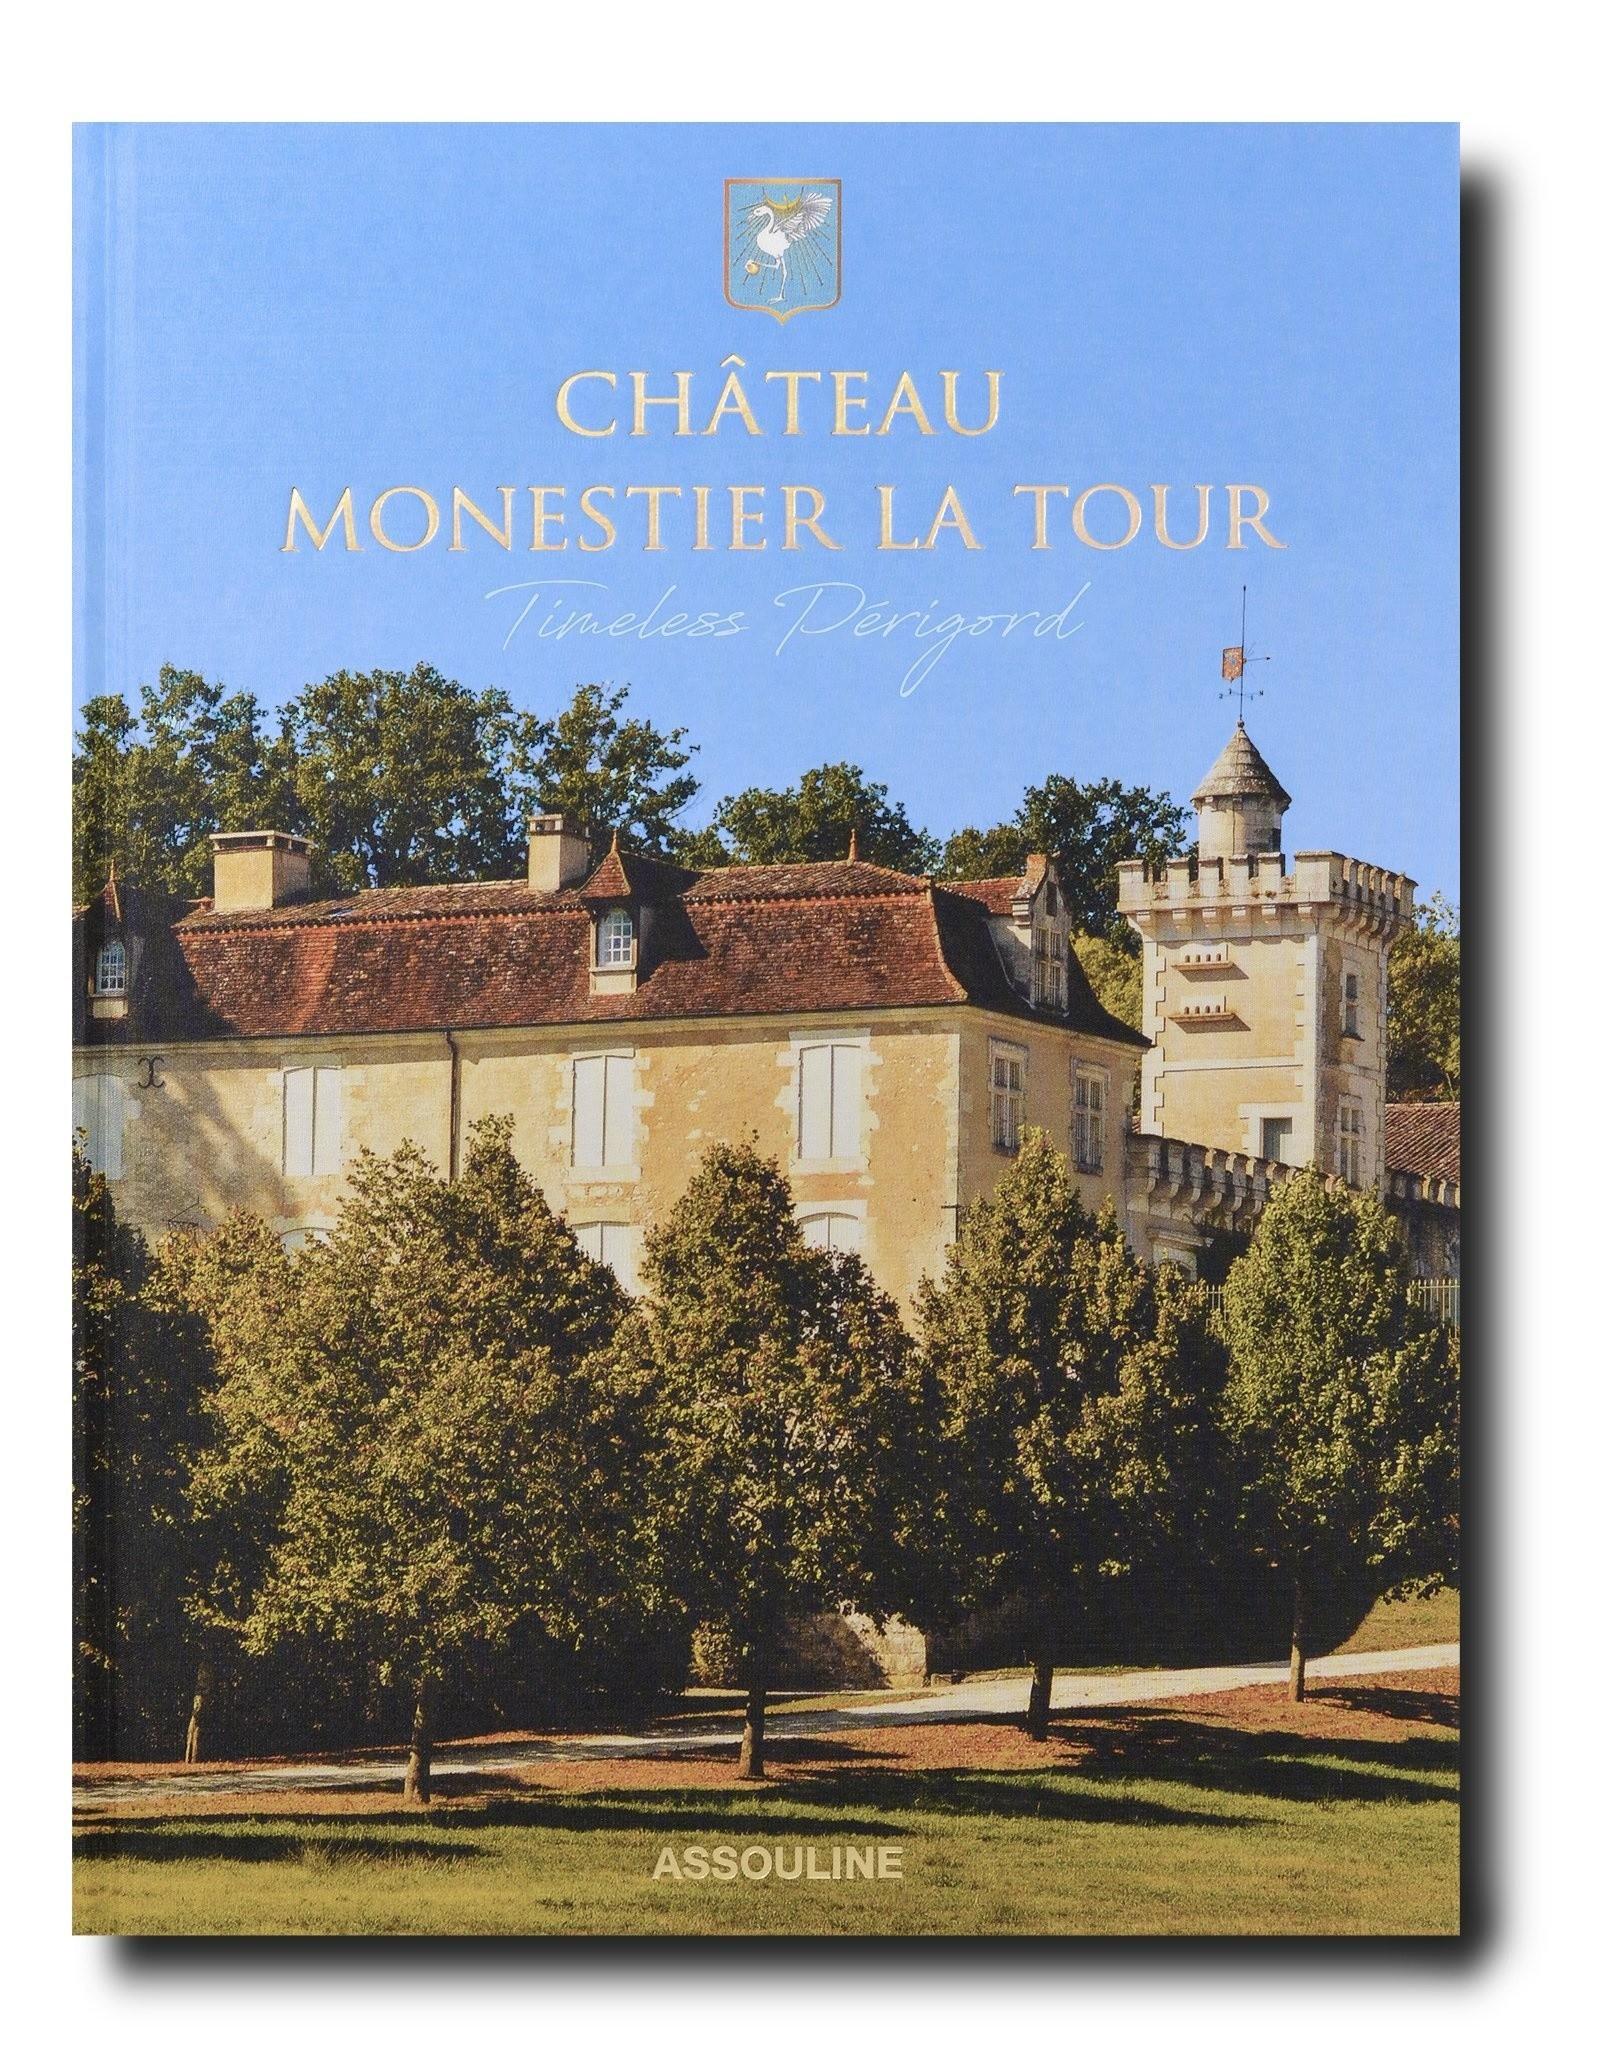 Assouline Chateau Monestier